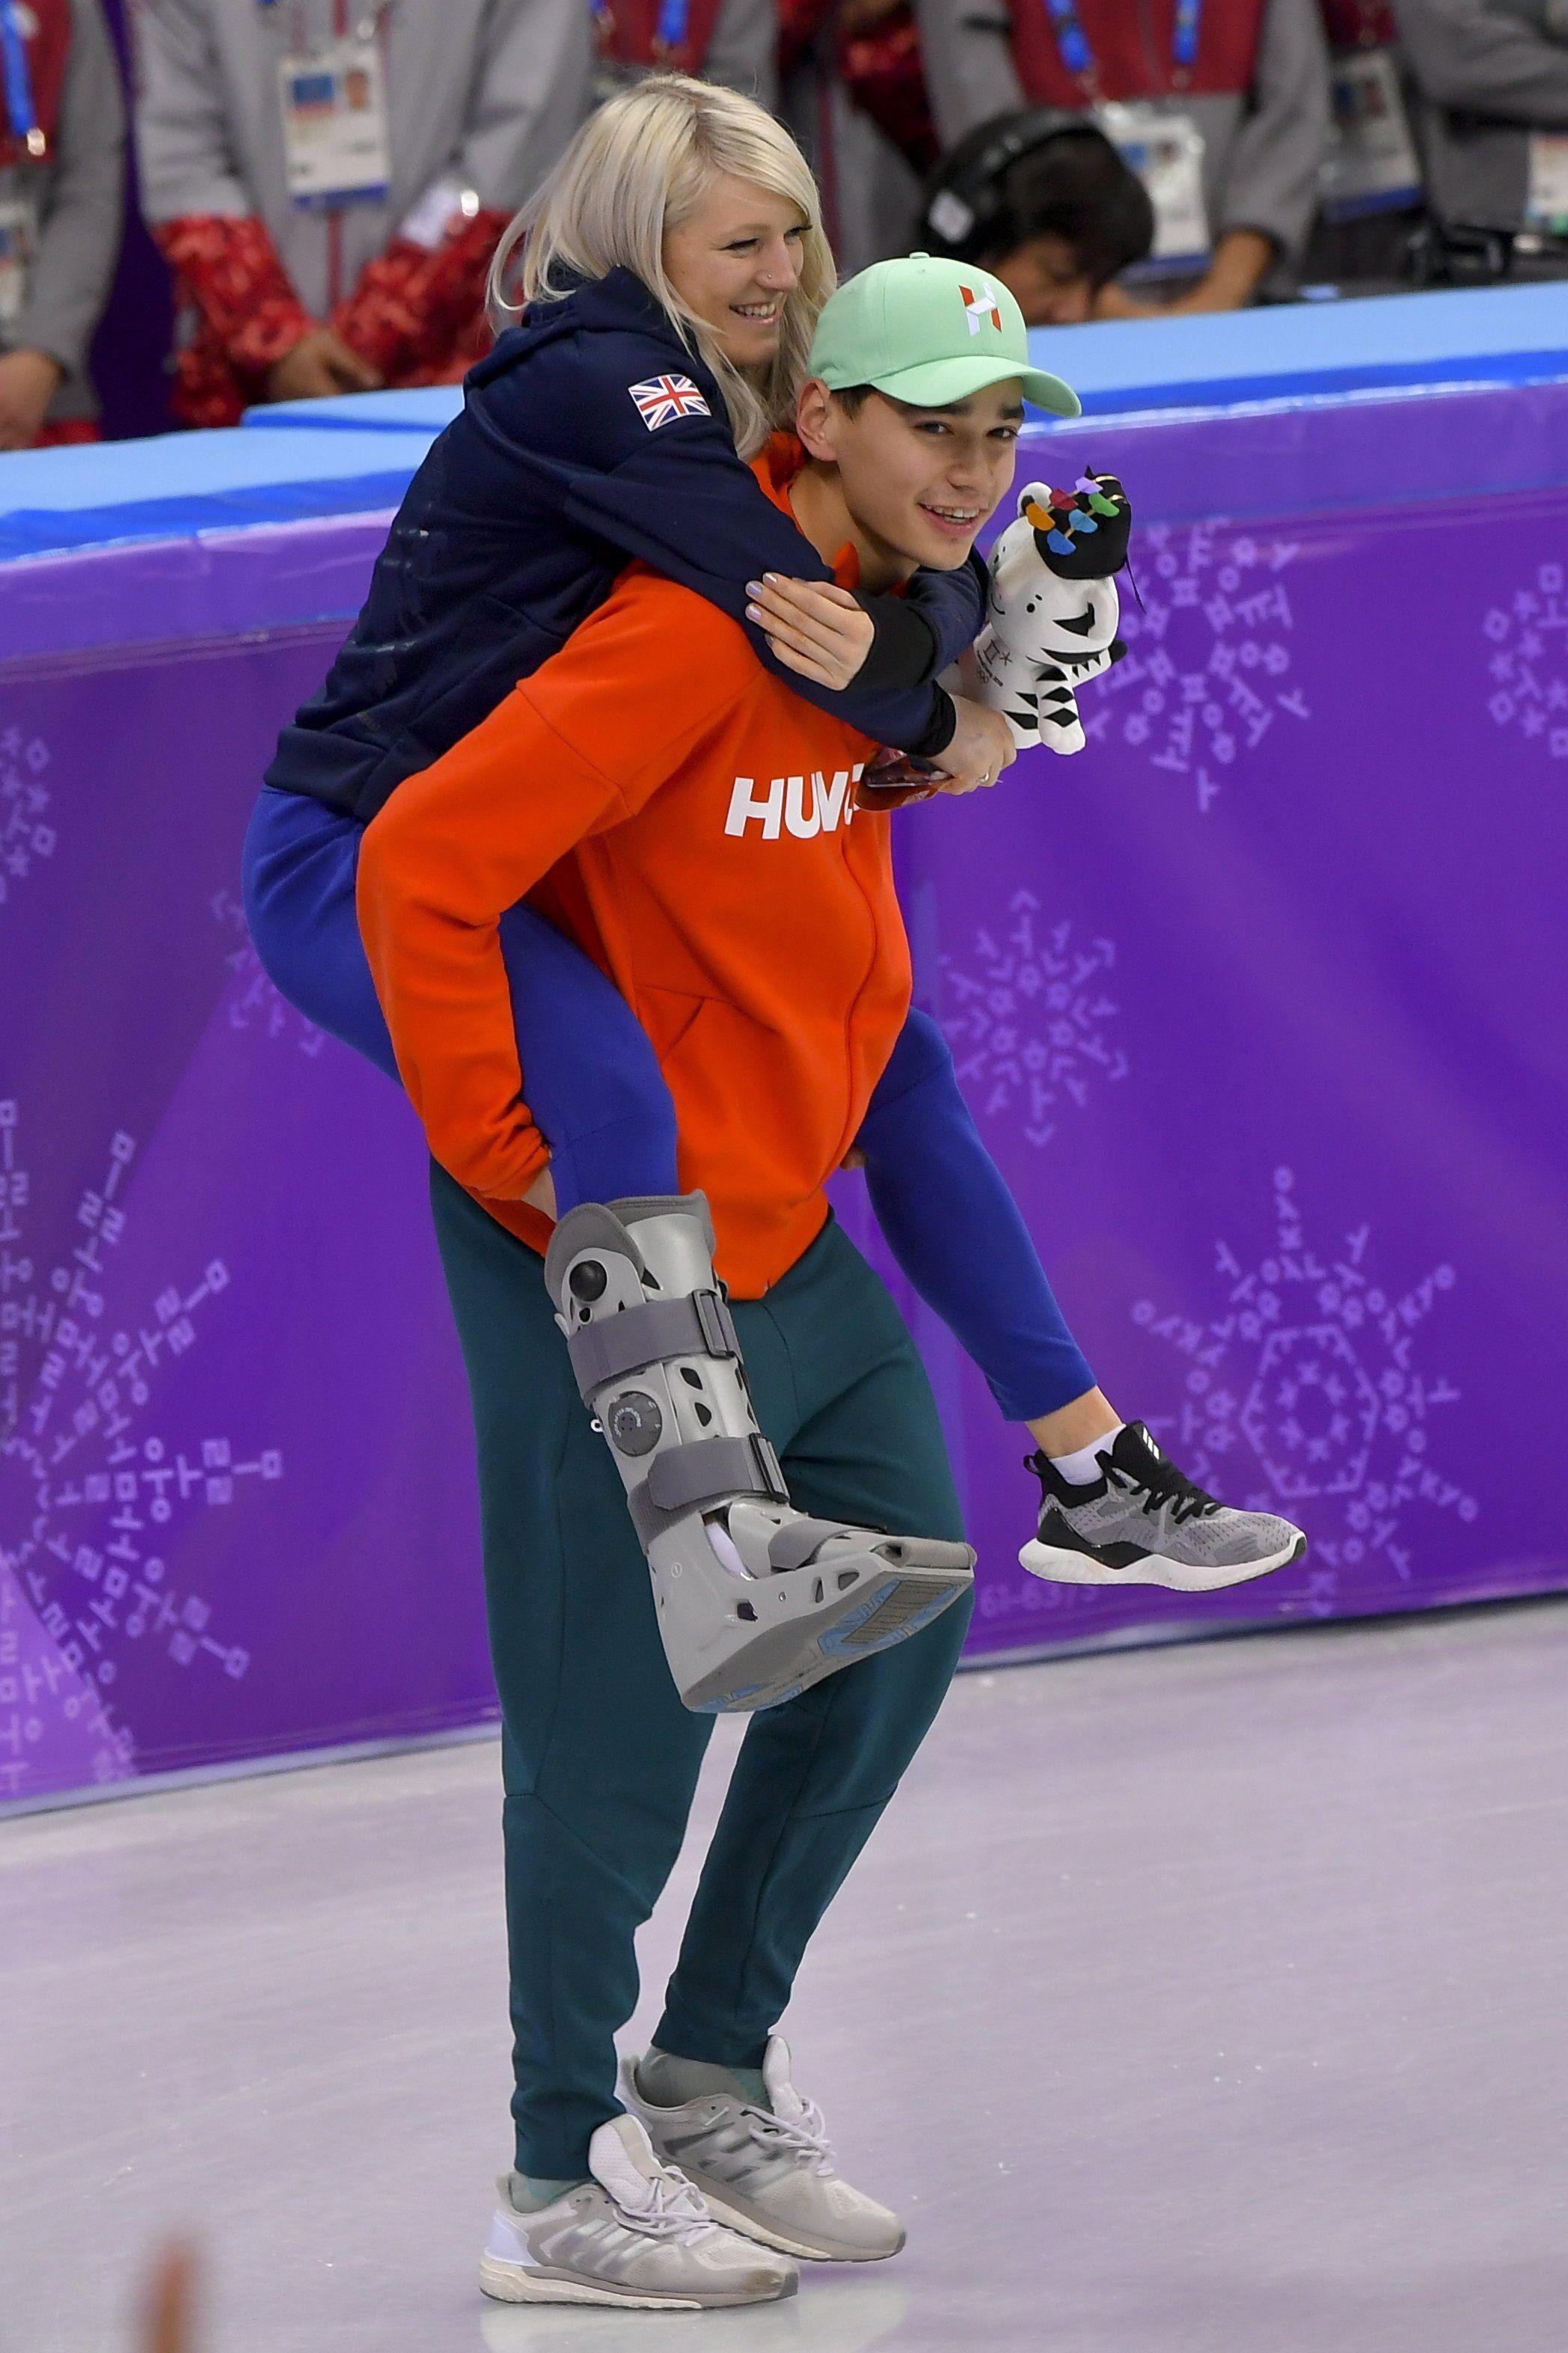 Liu Shaolin Sándor nemcsak olimpiai bajnok, de az olimpia hősszerelmese is lett – fotó